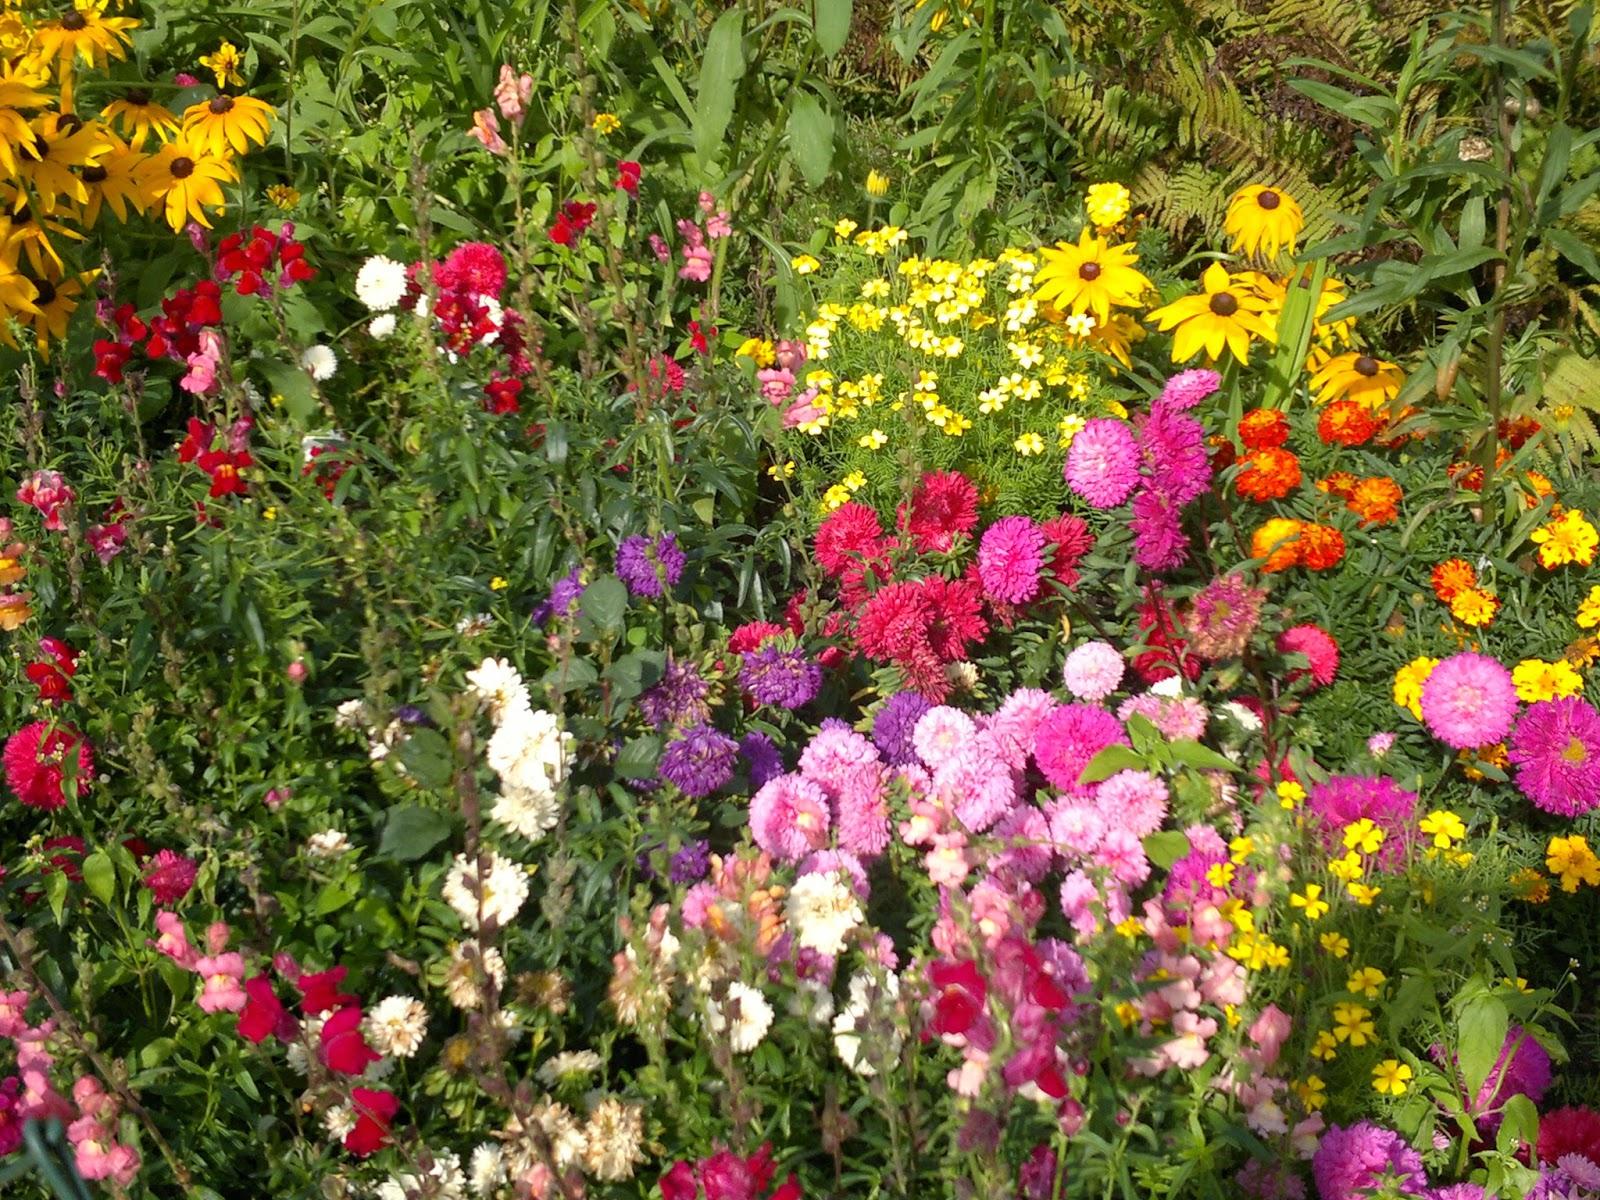 86841bfd637b57 ten ogród to moja miłość...miłość którą mam w sobie, która wypływa i  rozświetla innym życie... wtedy jestem w każdym ogrodzie sobą i czuję się  dobrze.